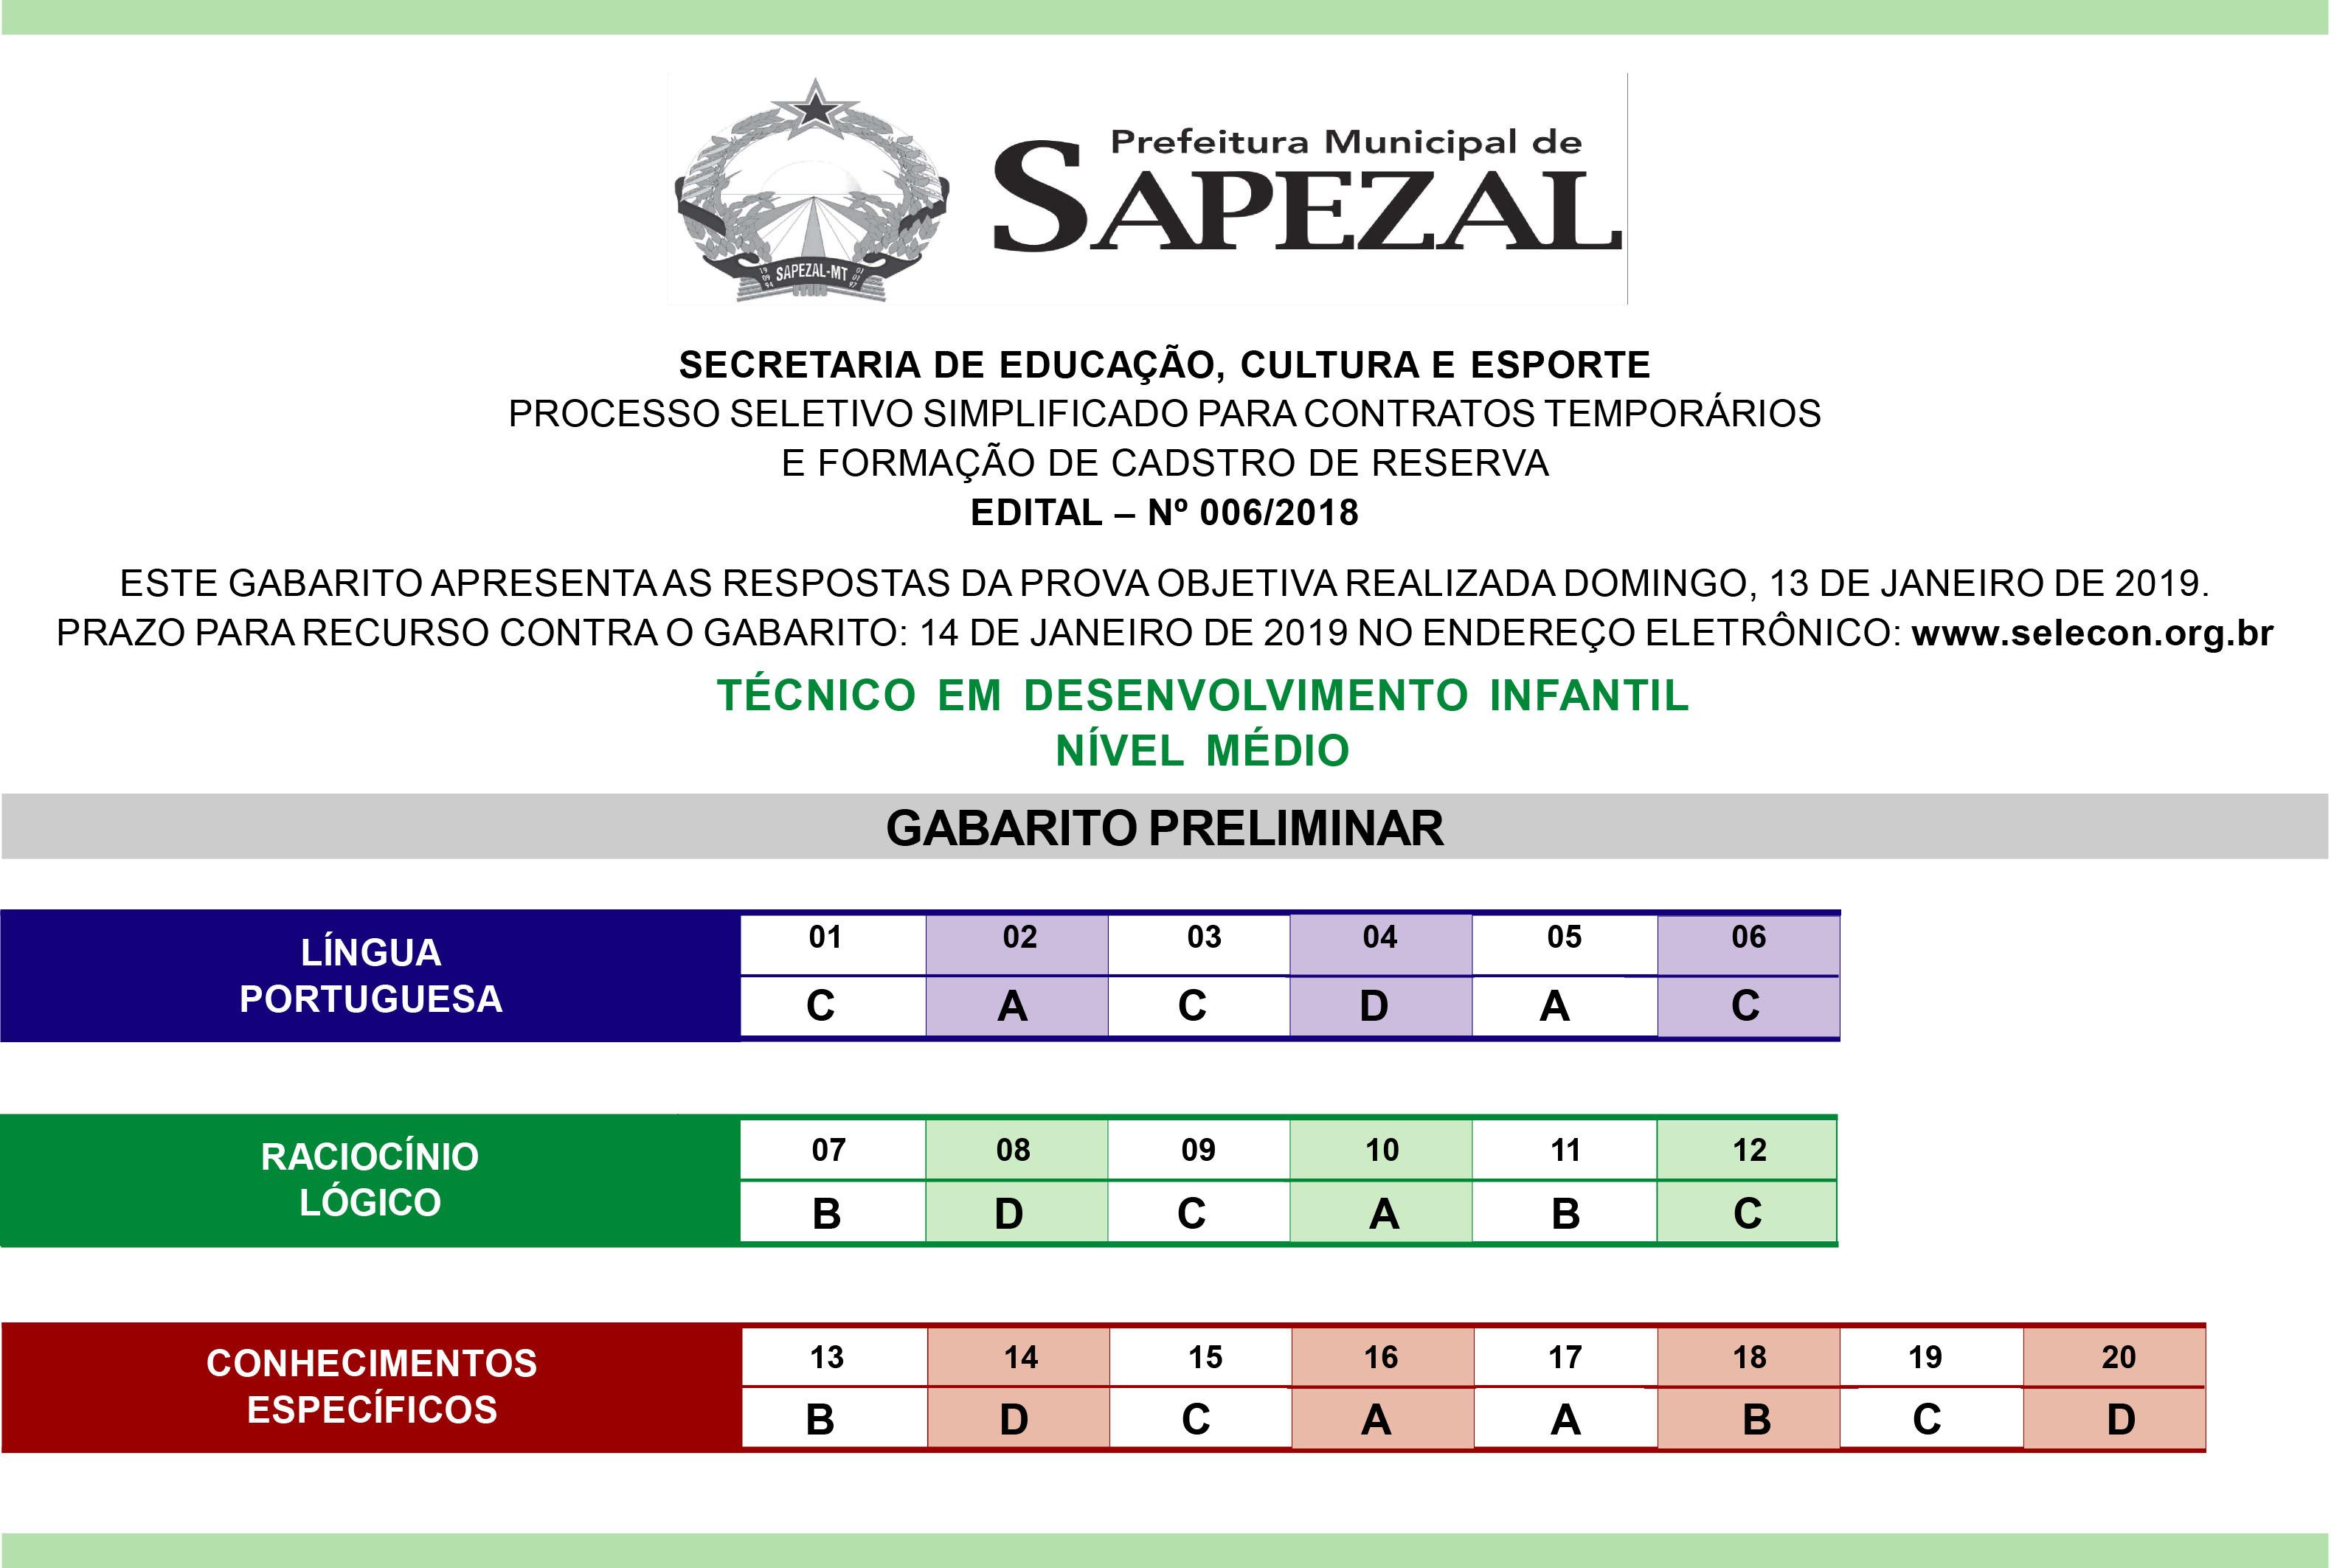 Gabarito_TEC_DESENV_INFANTIL_SAPEZAL